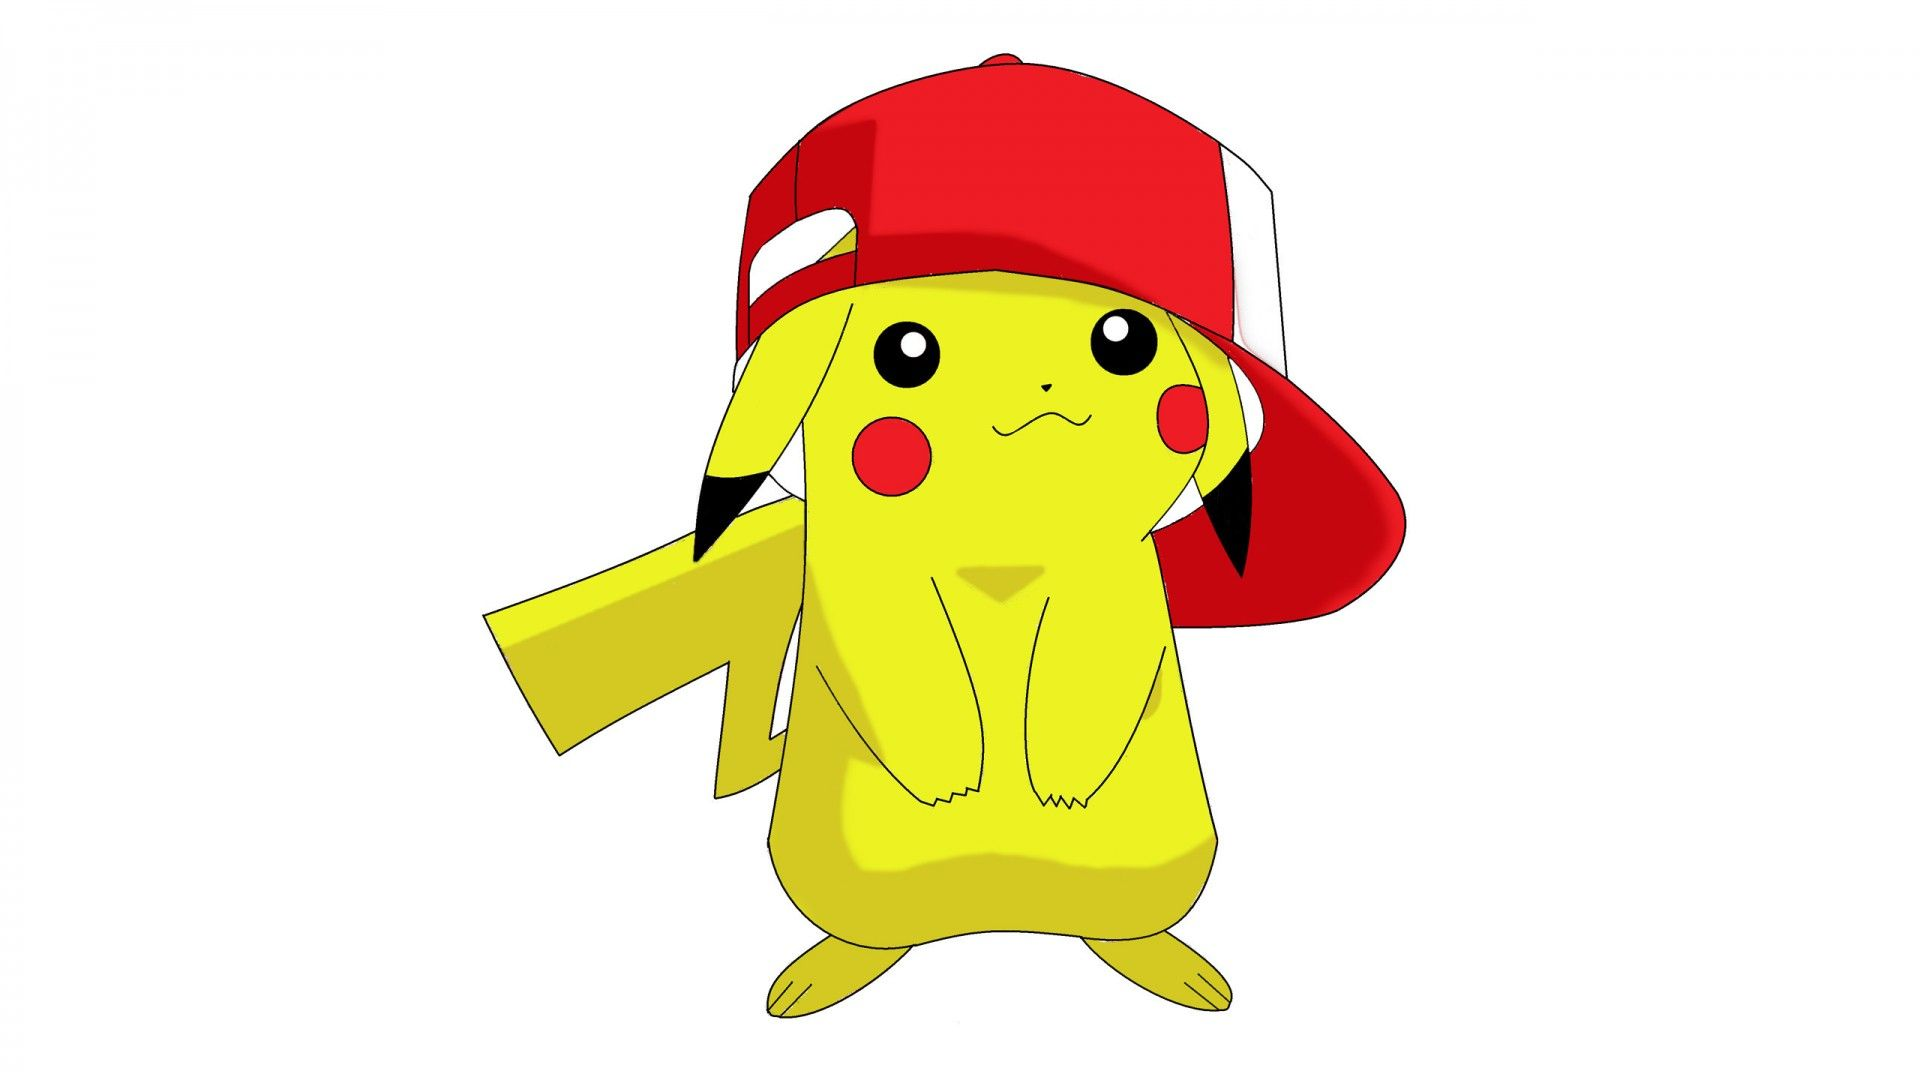 Wunderbar Süße Baby Pikachu Malvorlagen Bilder ...